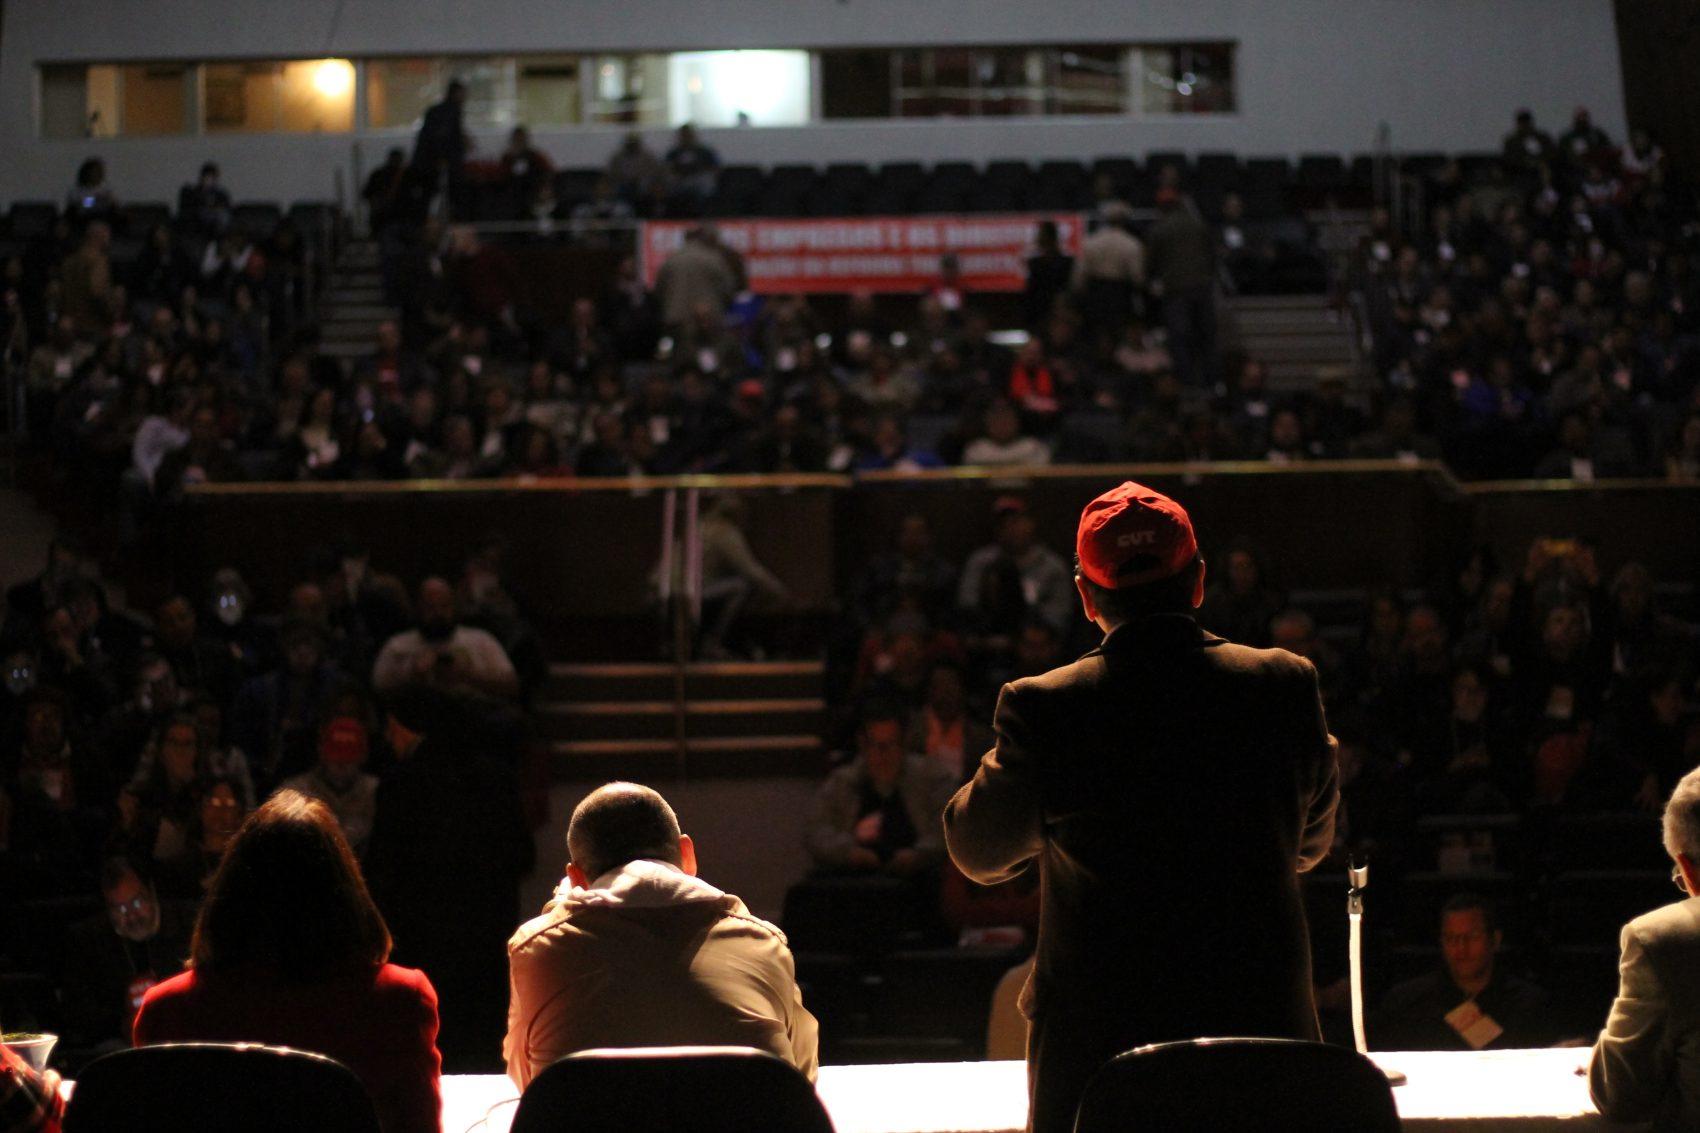 Encontro contou com mais de 500 sindicalistas dos três estados da região Sul, que lotaram o Teatro Dante Barone, na Assembleia Legislativa do RS, em Porto Alegre